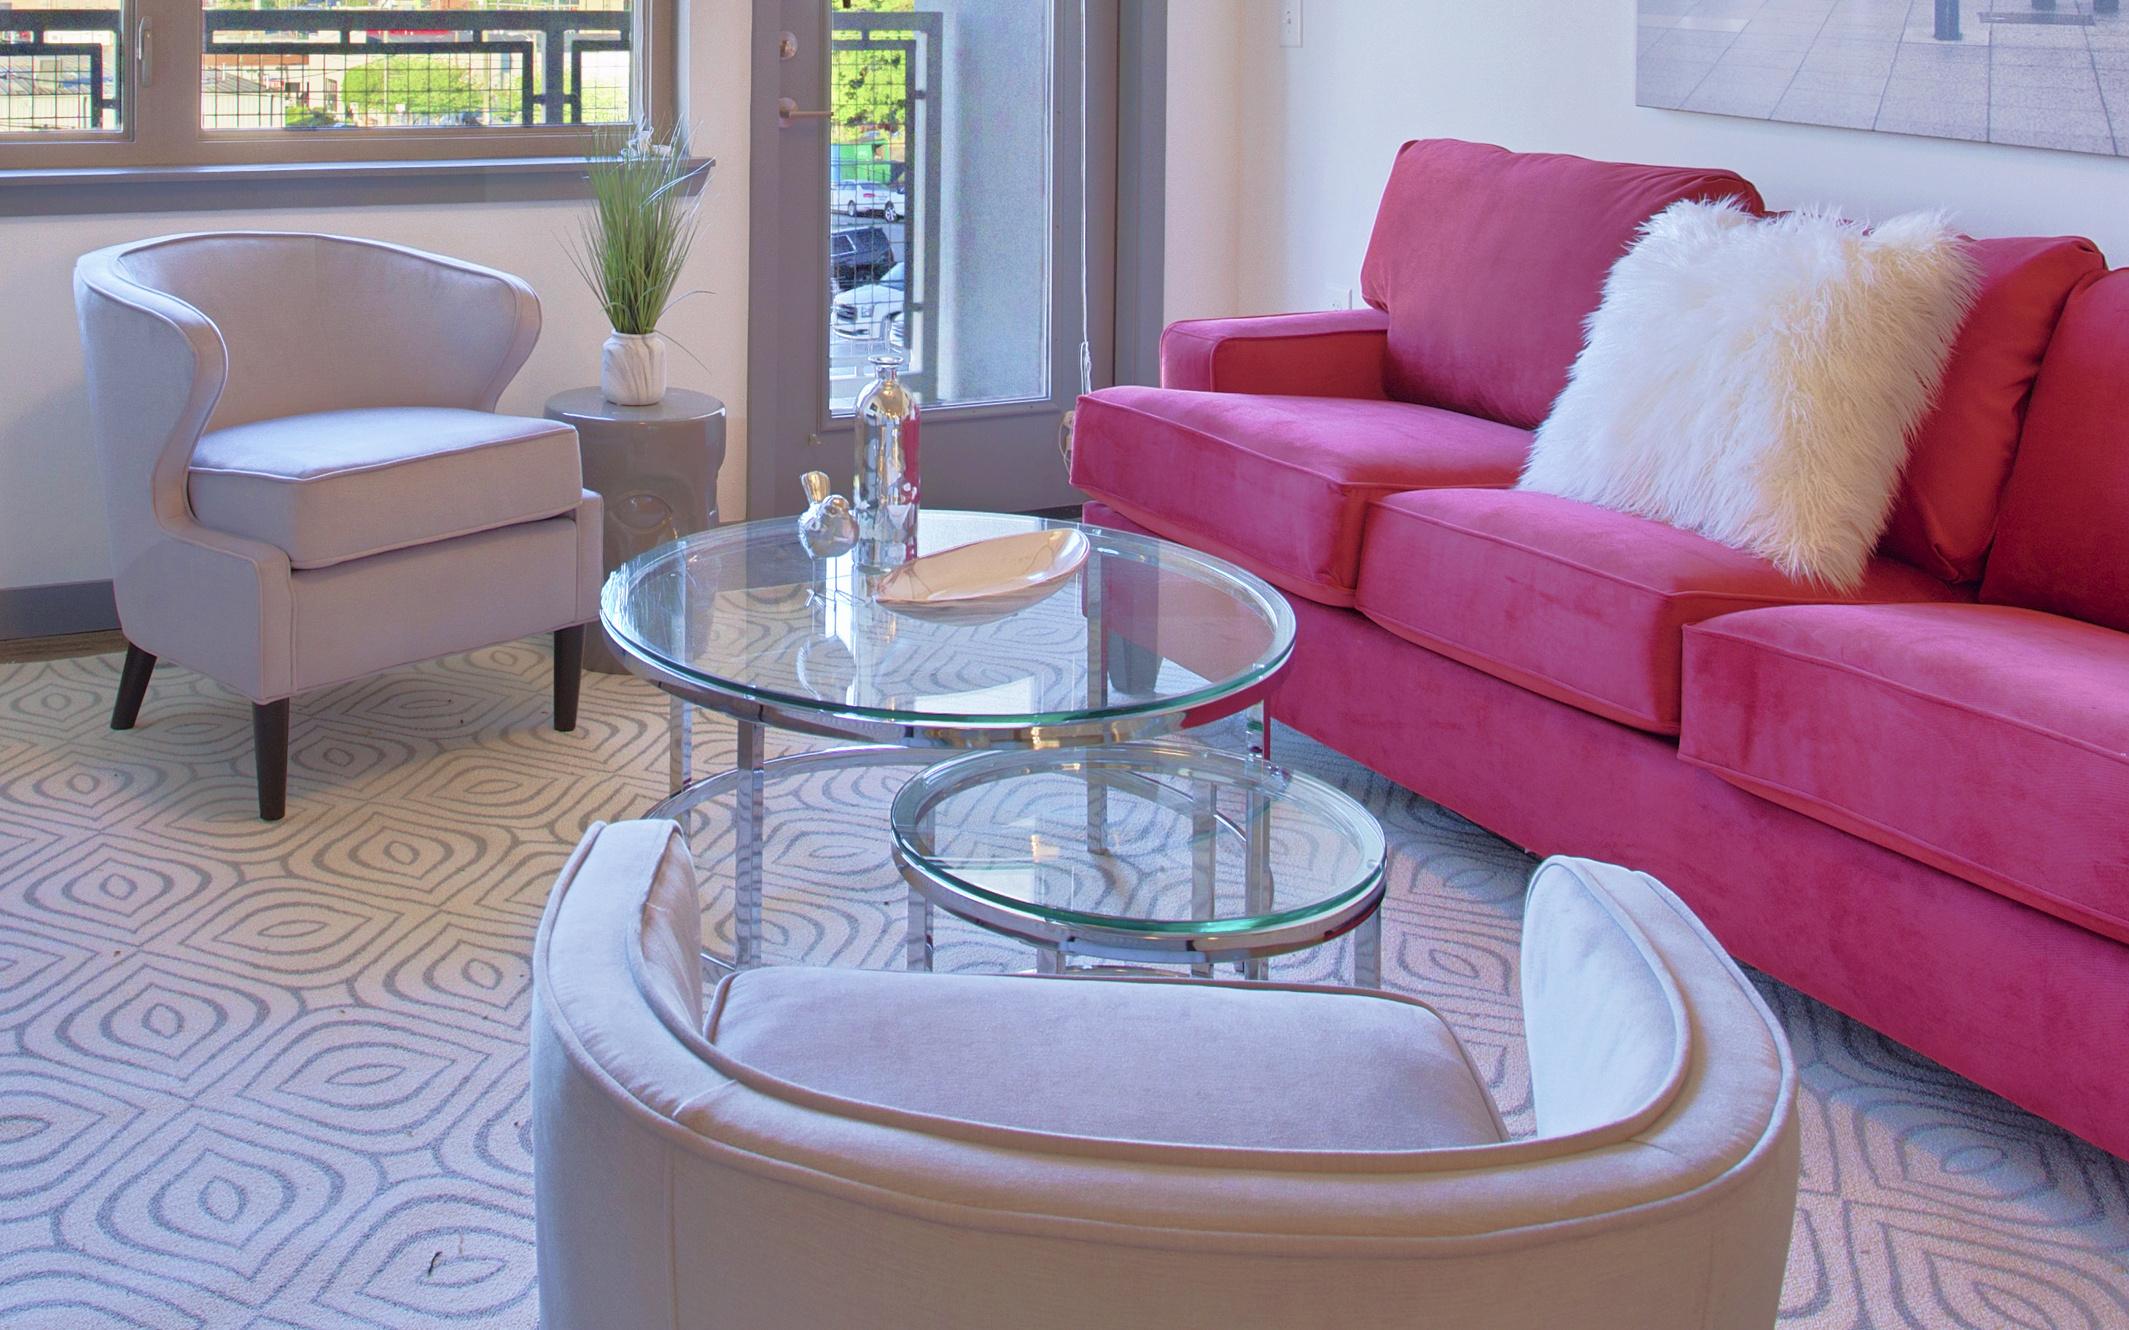 red-sofa-silver-chair.JPG